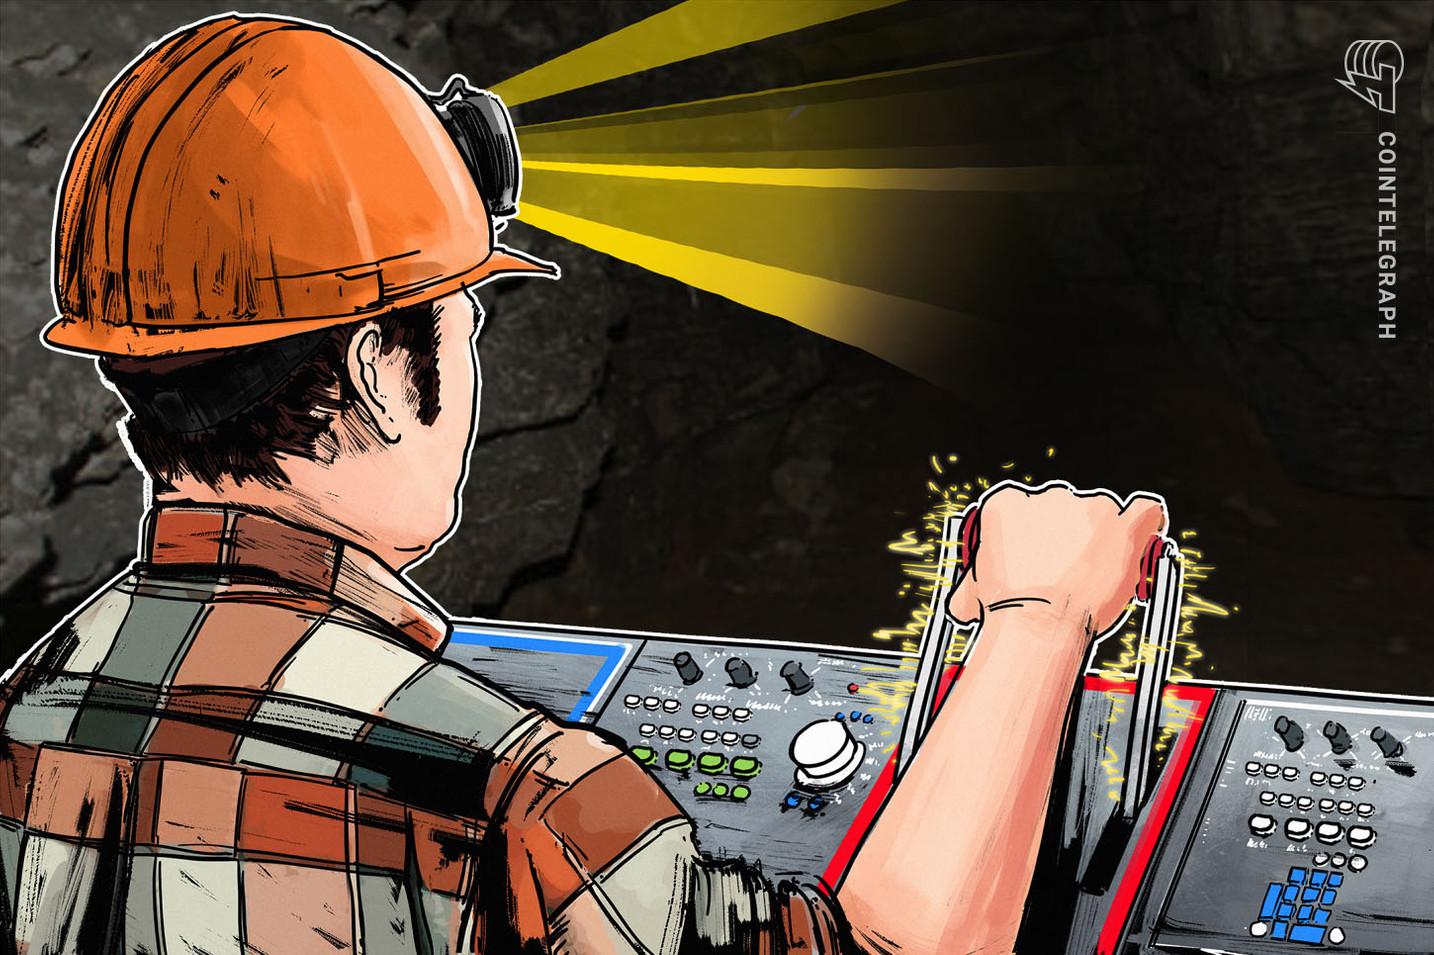 Resultados del tercer trimestre de Nvidia revelan una 'cripto-resaca' debido a la desaparición de las ventas de los mineros